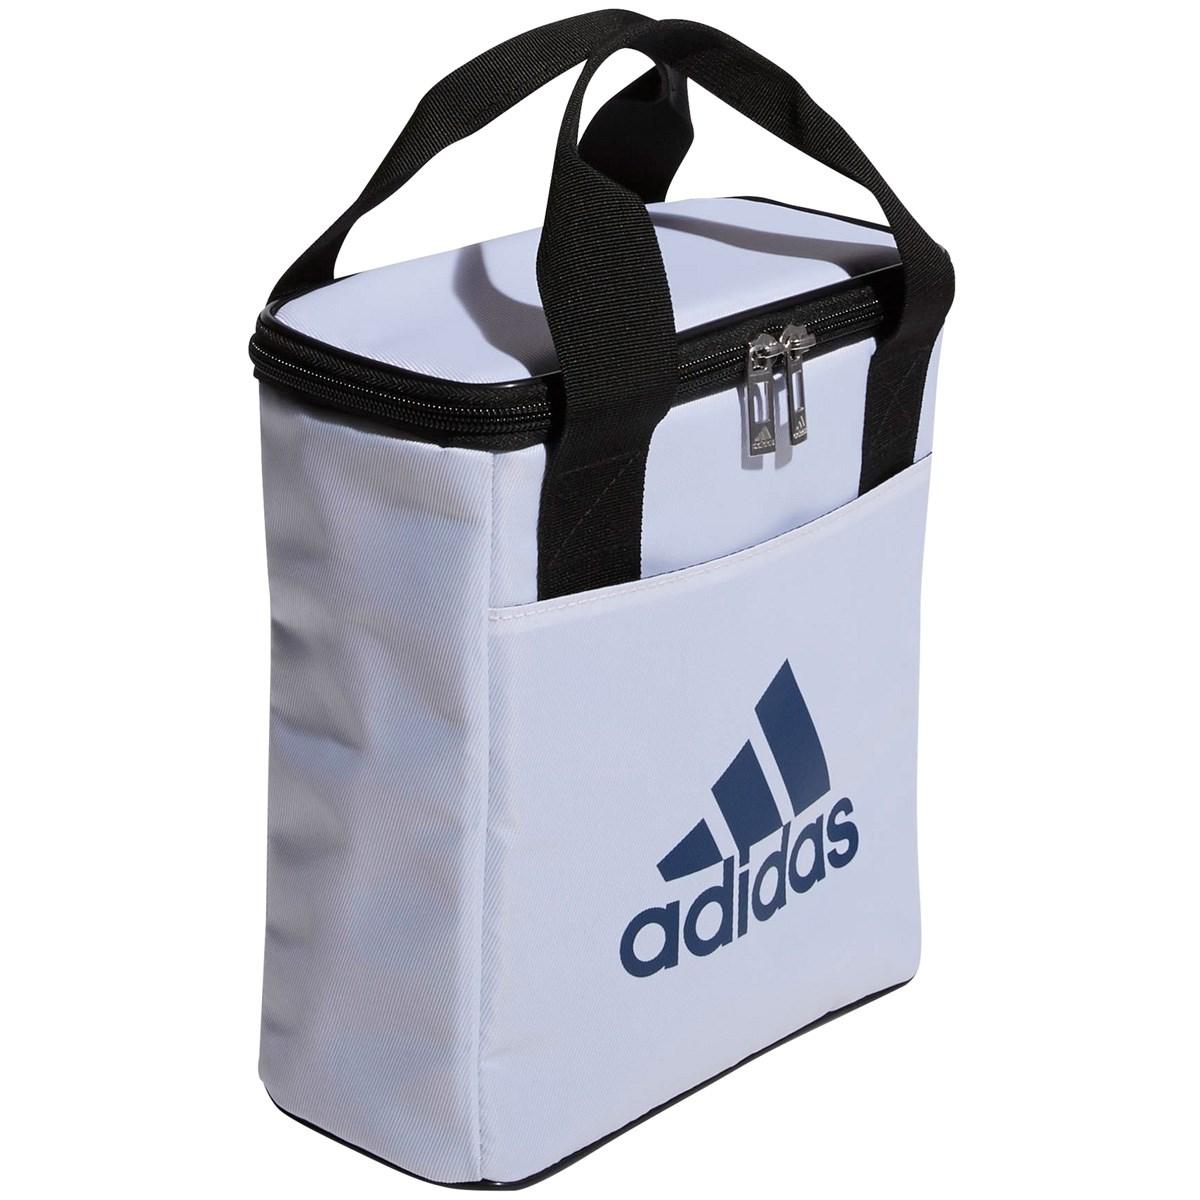 アディダス(adidas) クーラーバッグ